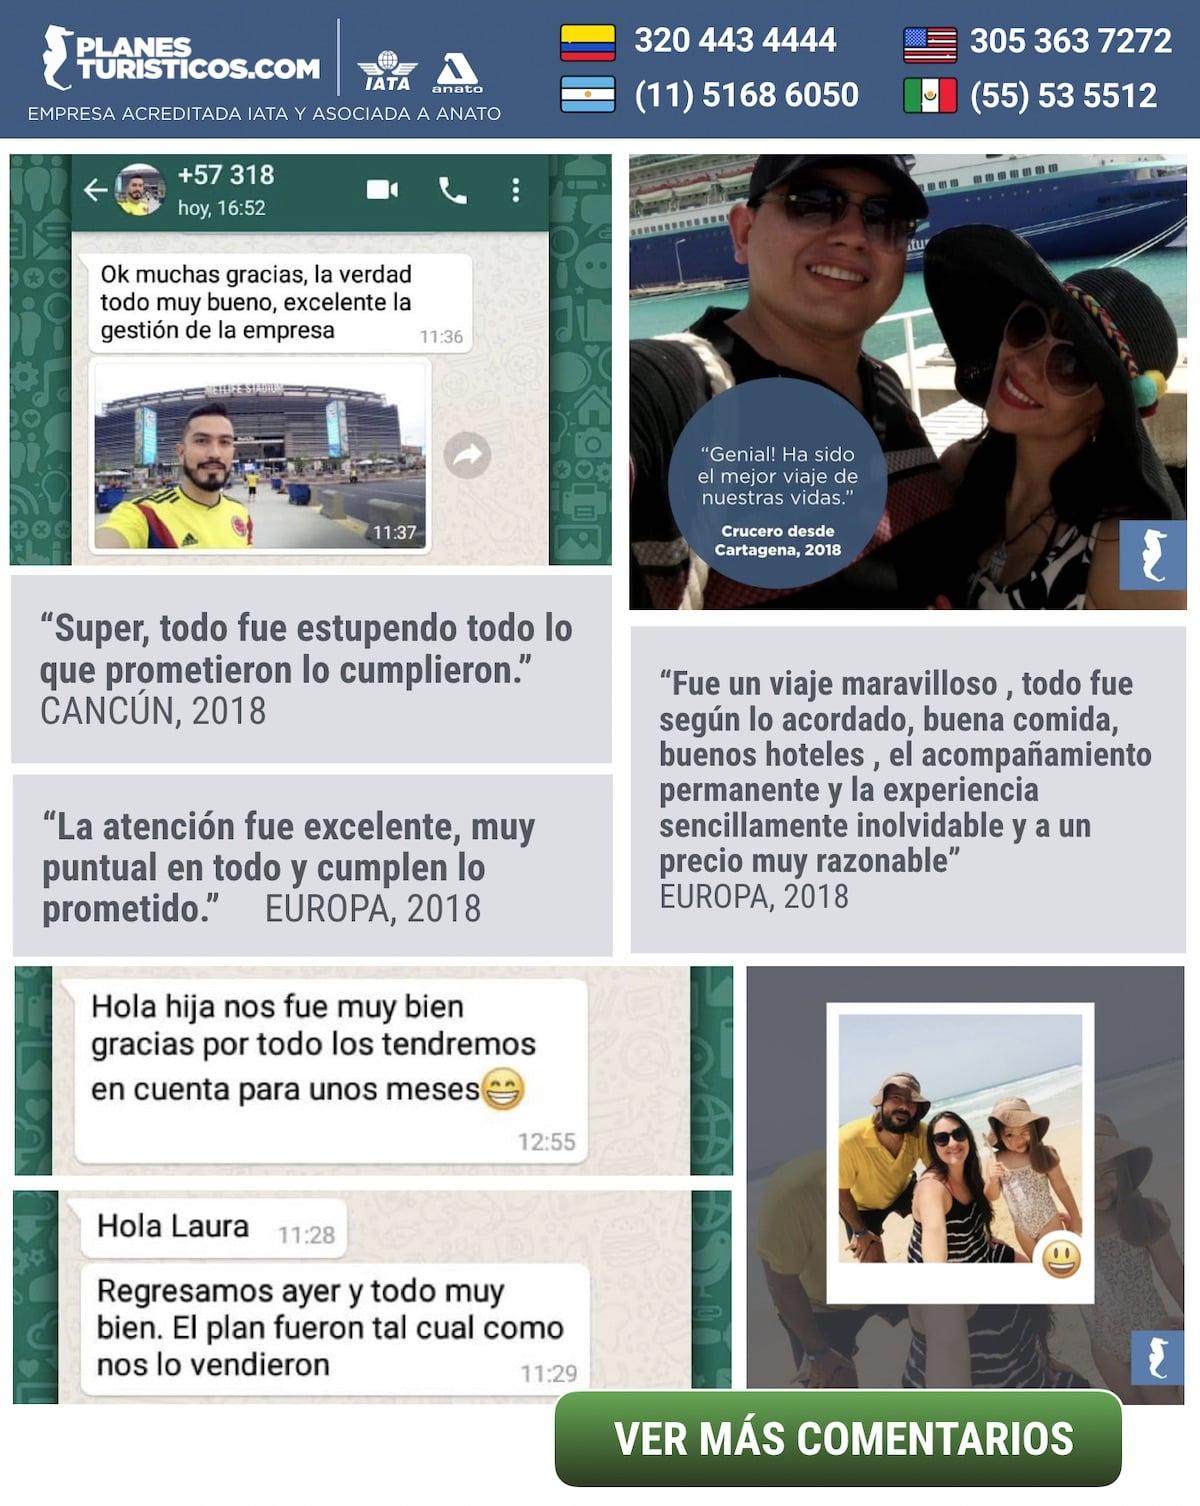 Brasil Tours & Paquetes Vacacionales